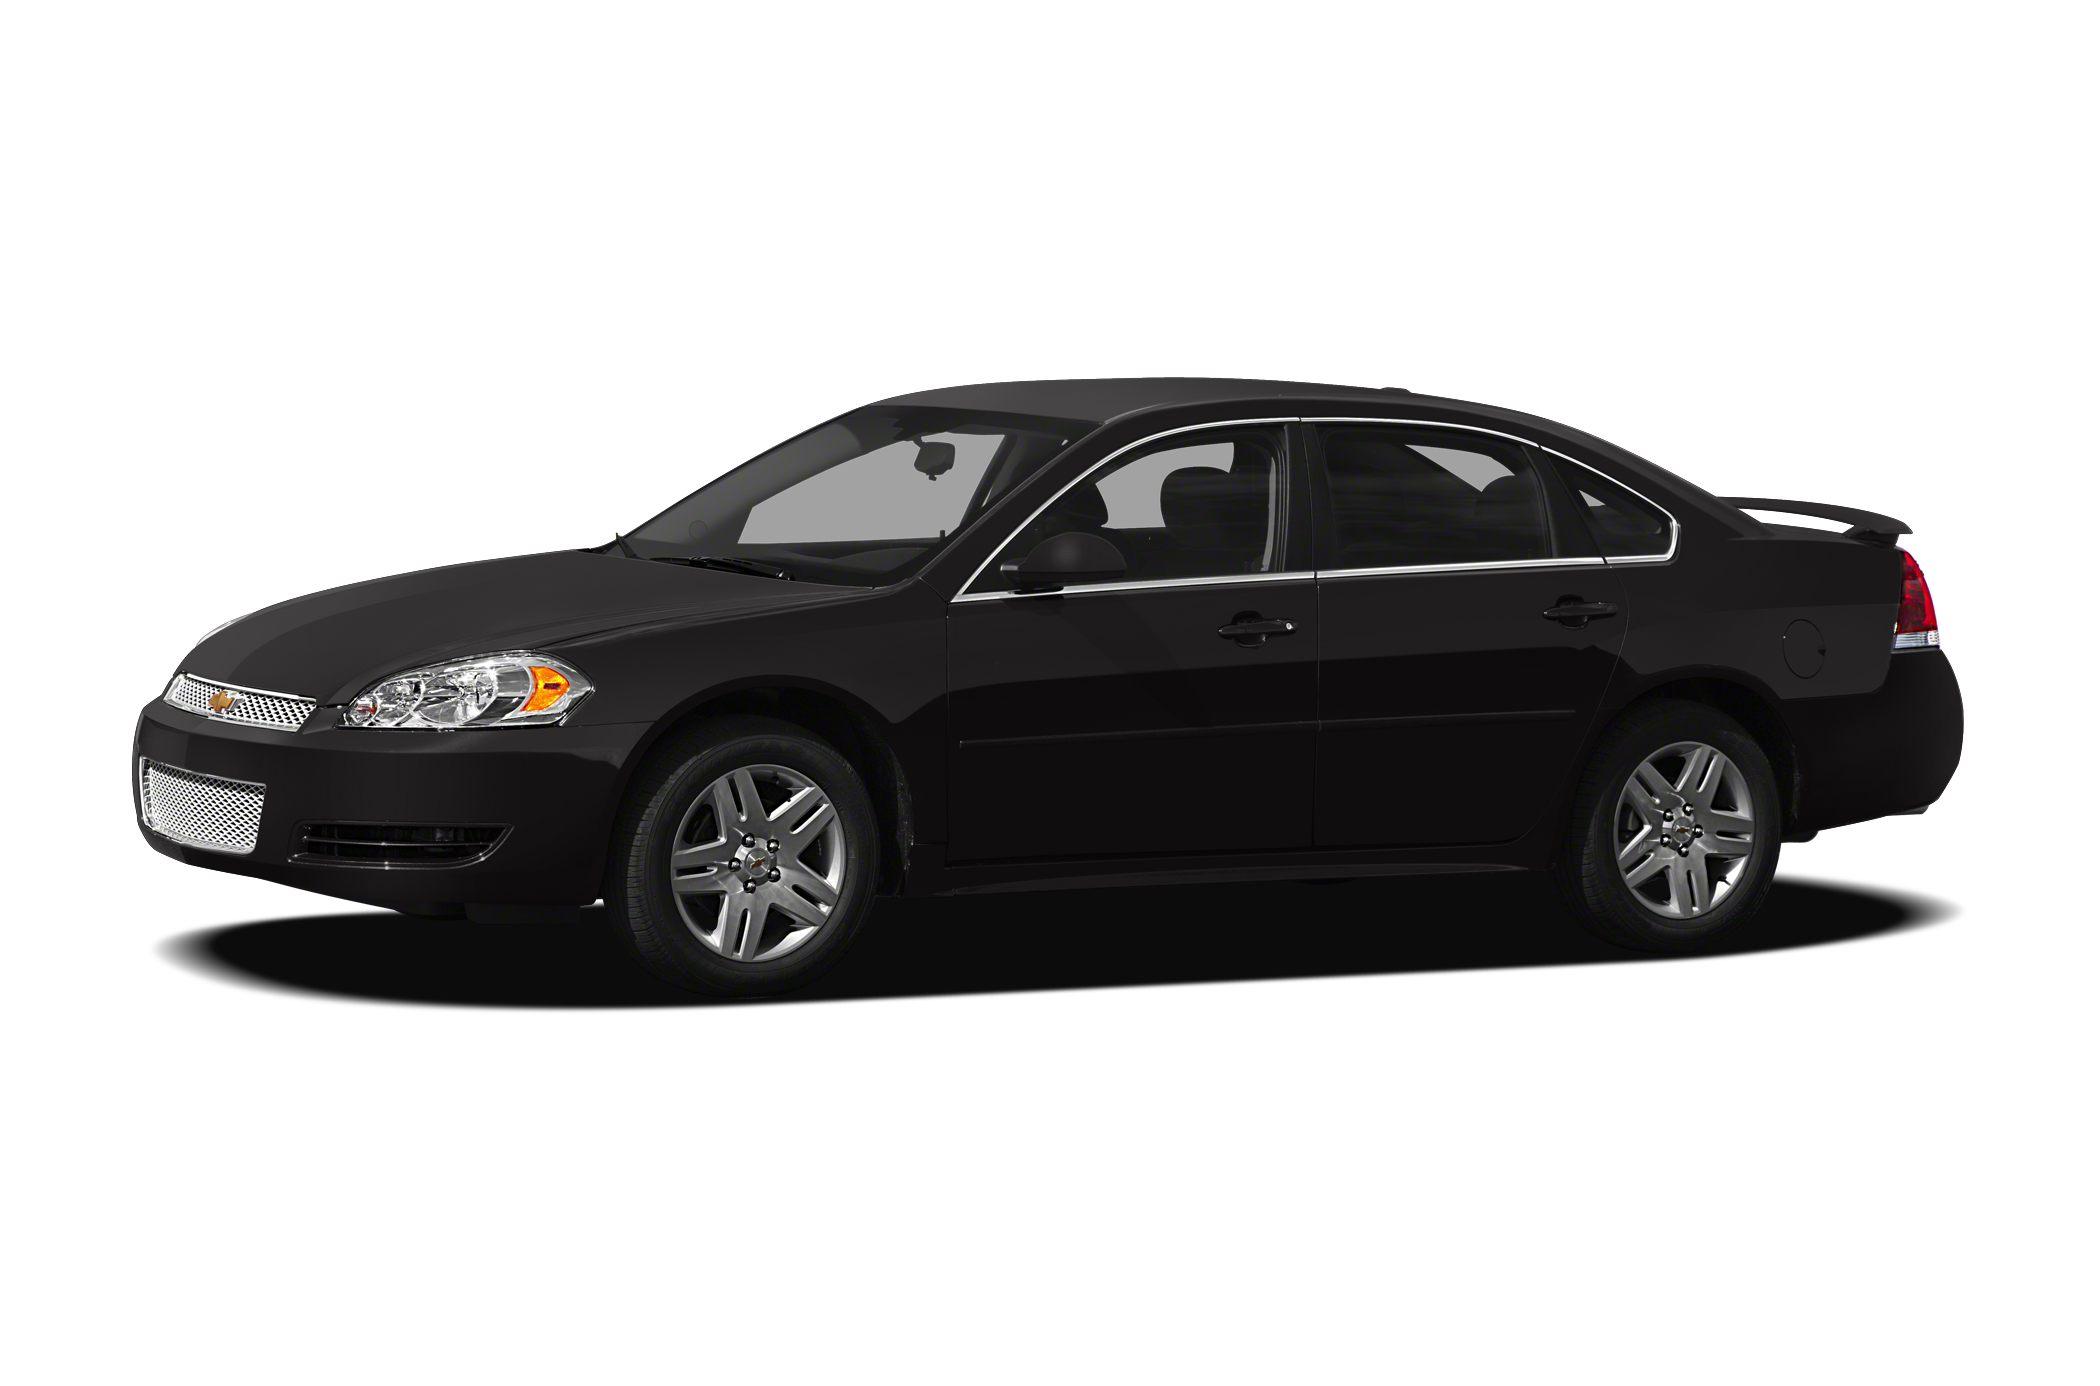 2013 Chevy Impala Ltz >> 2013 Chevrolet Impala Ltz 4dr Sedan Pictures